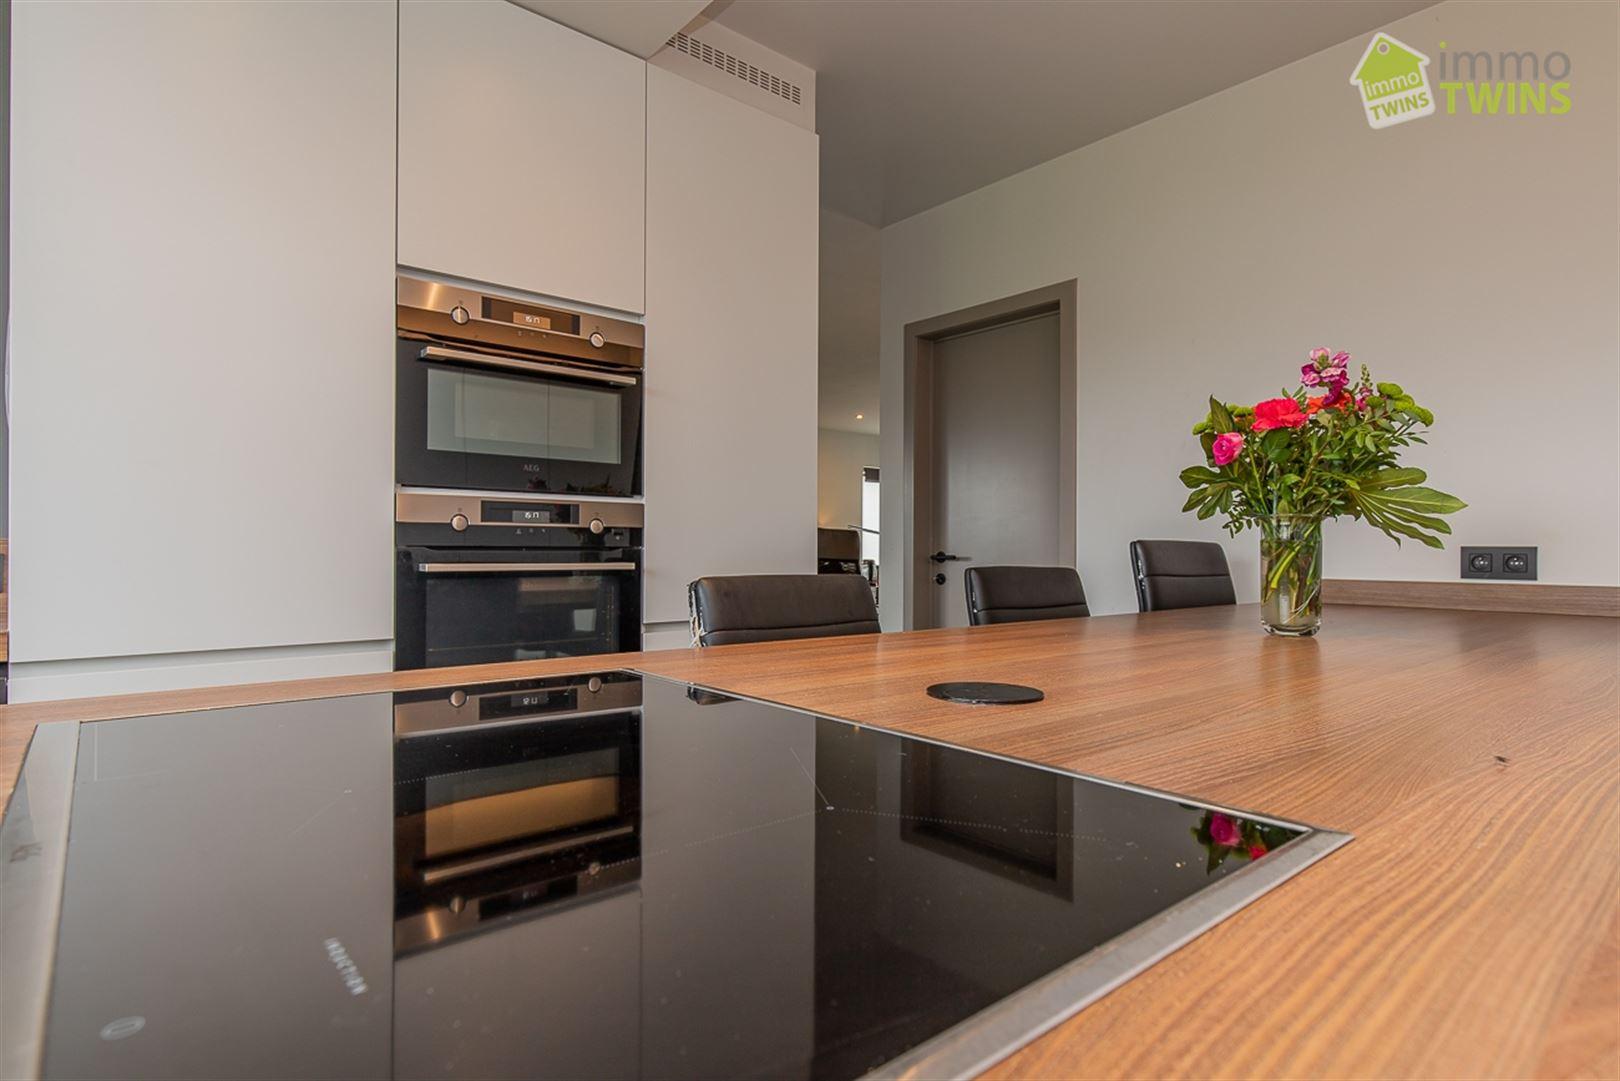 Foto 5 : Villa te 9140 TEMSE (België) - Prijs € 465.000